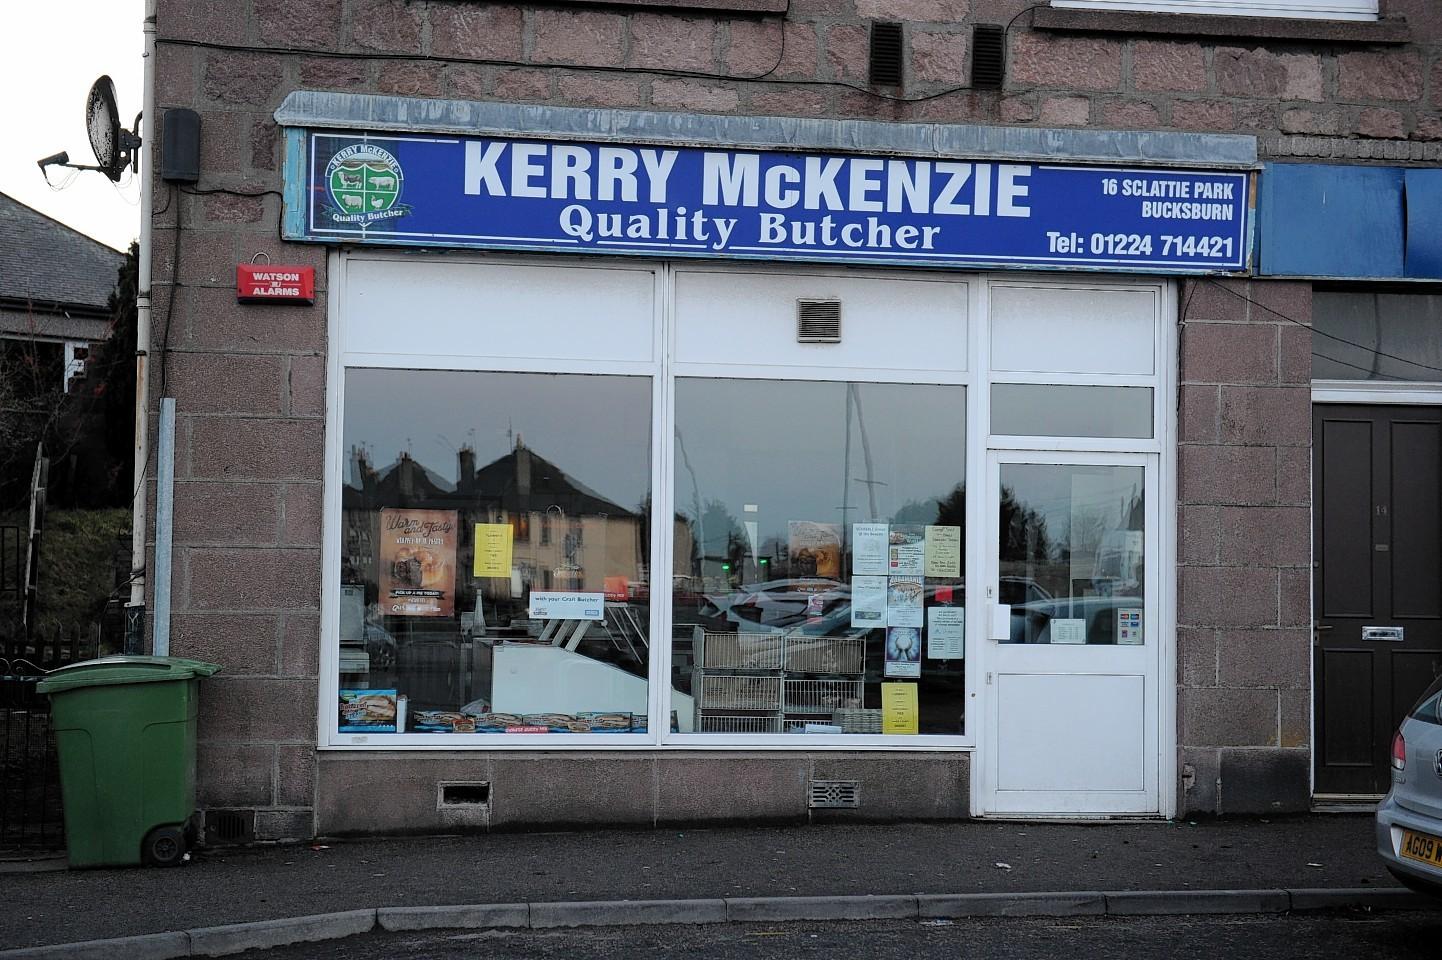 Kerry McKenzie butcher